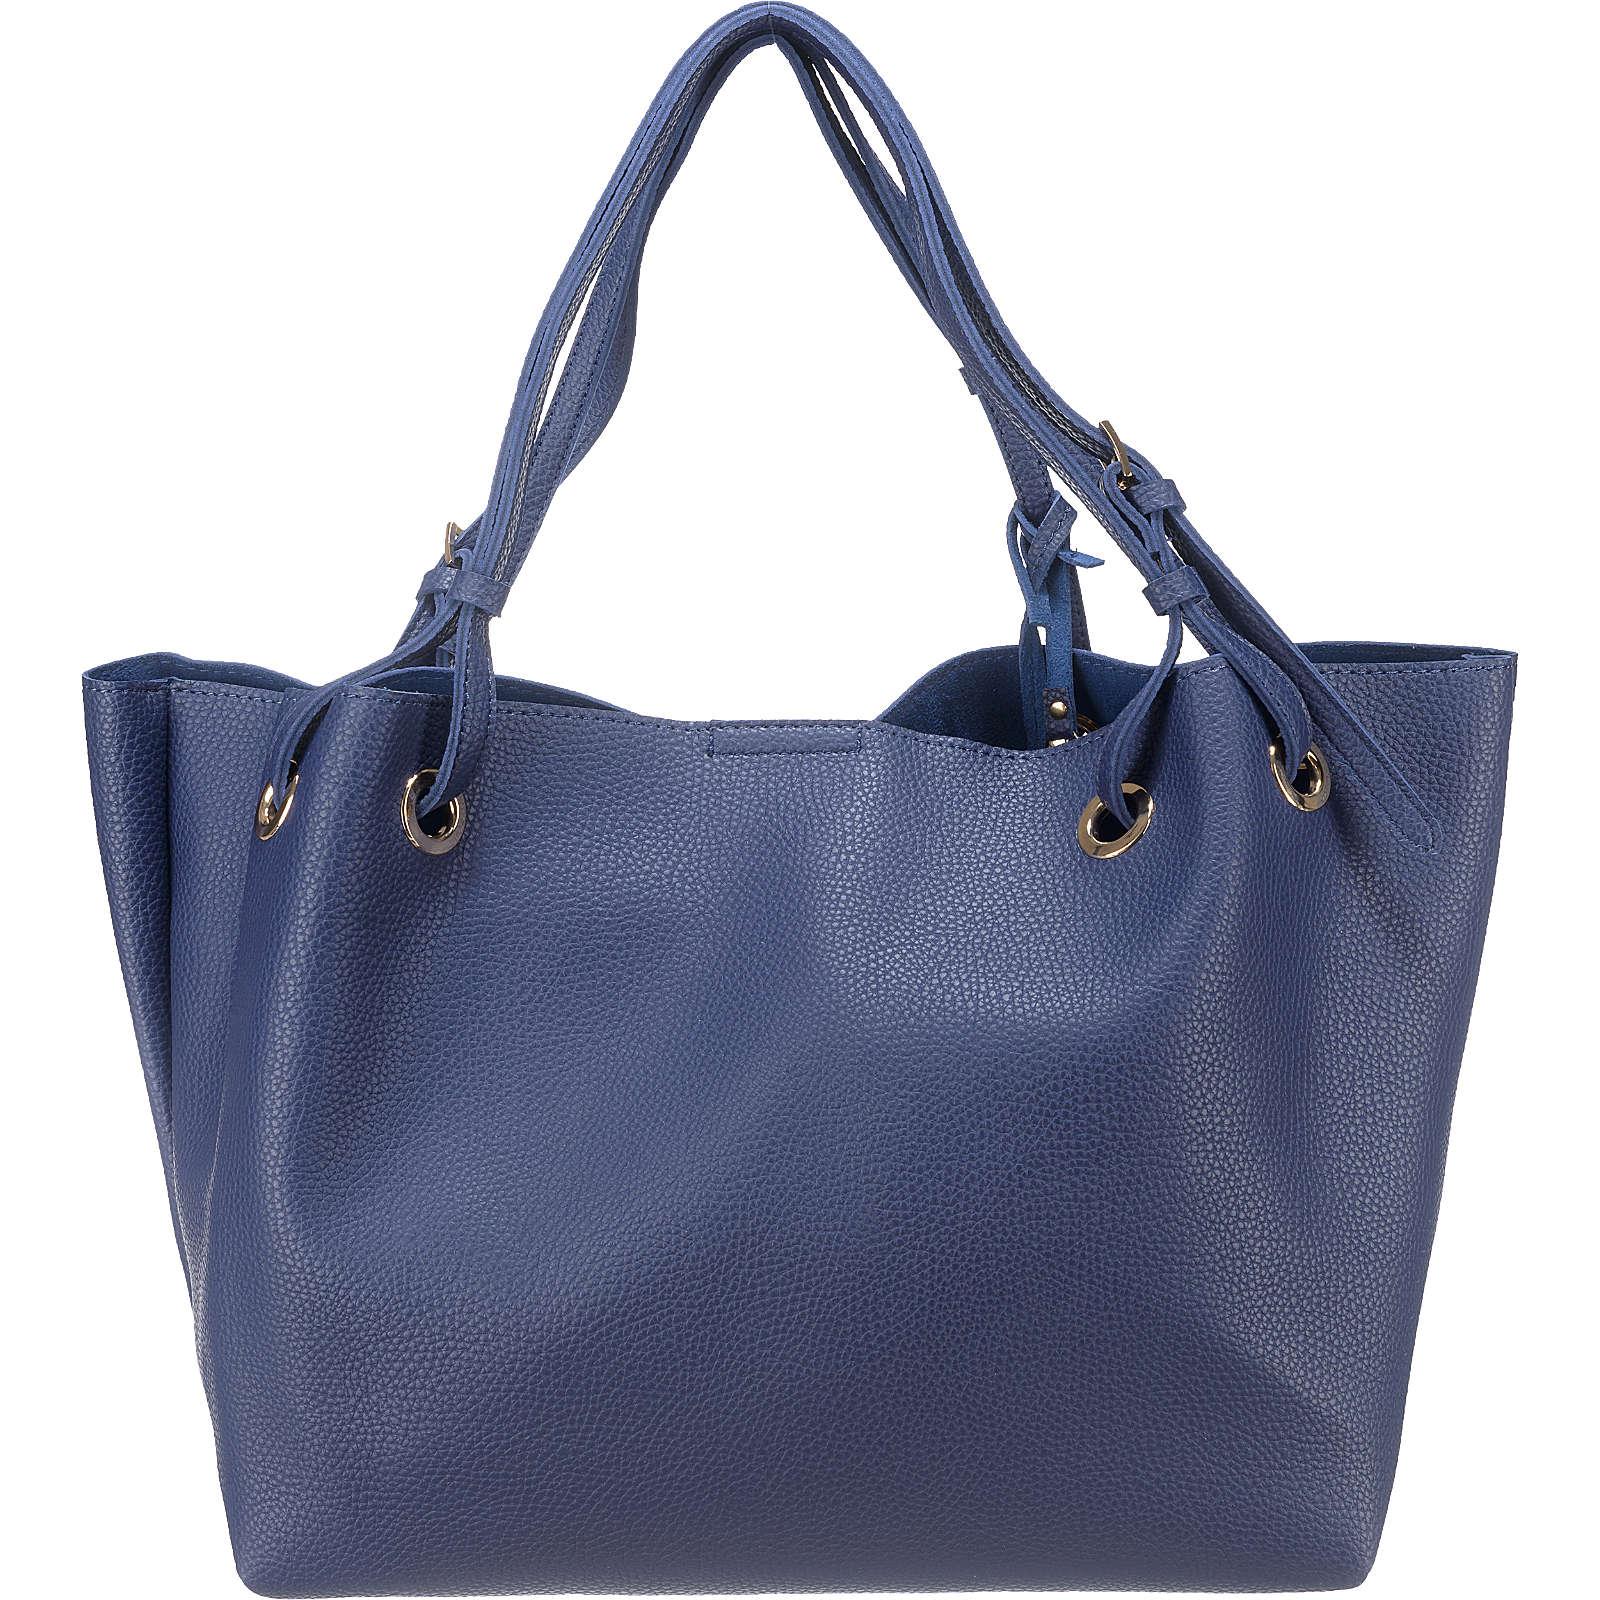 BUFFALO Shopper dunkelblau Damen bei Mirapodo - Neue Styles